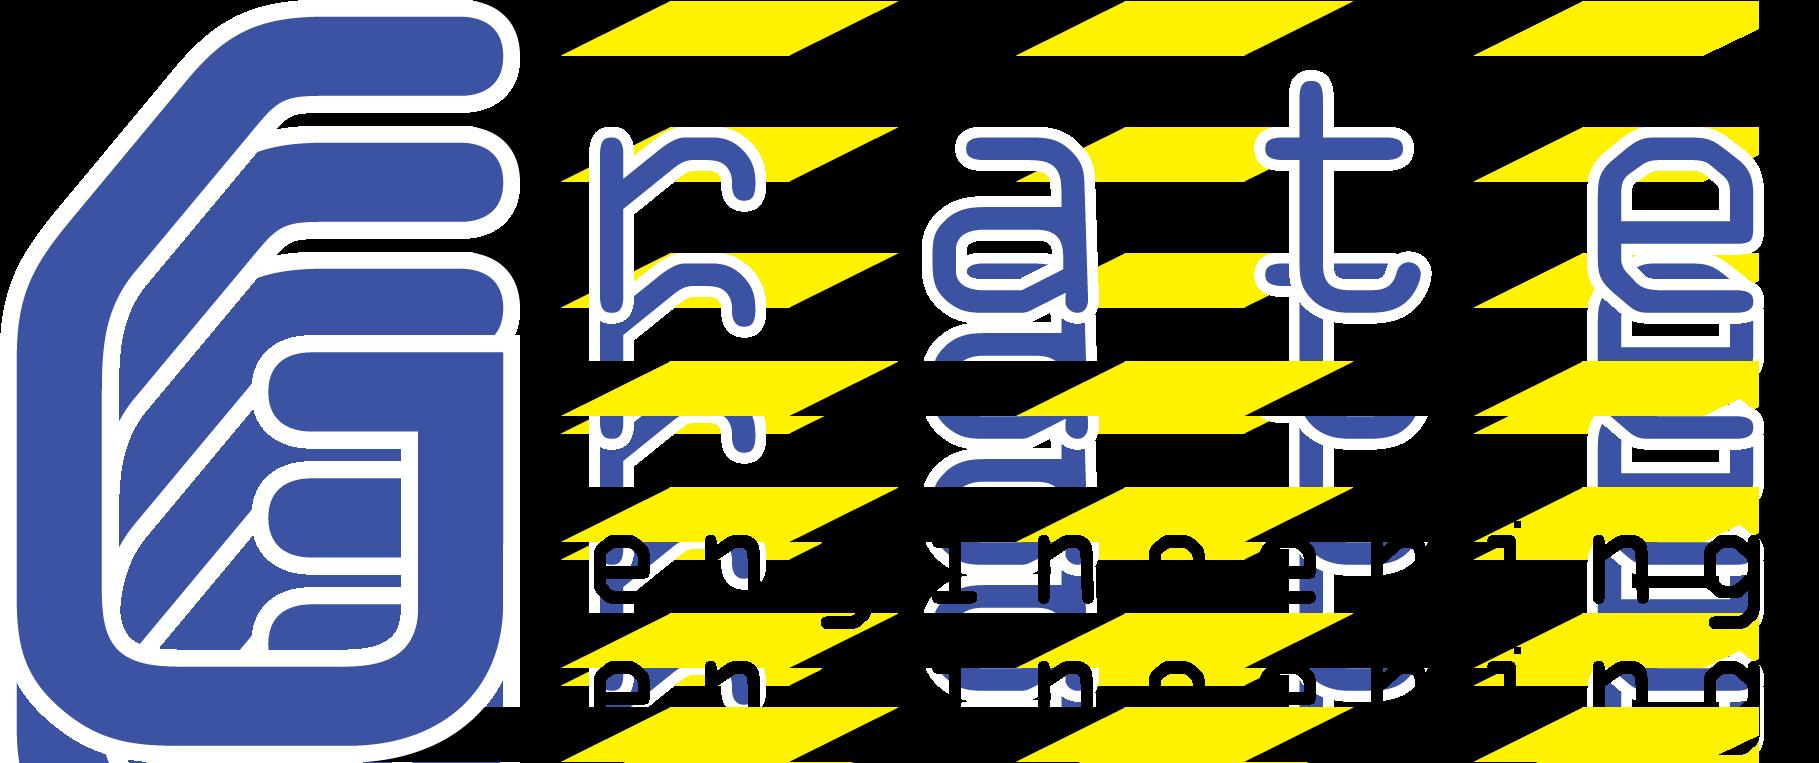 Grate Engineering